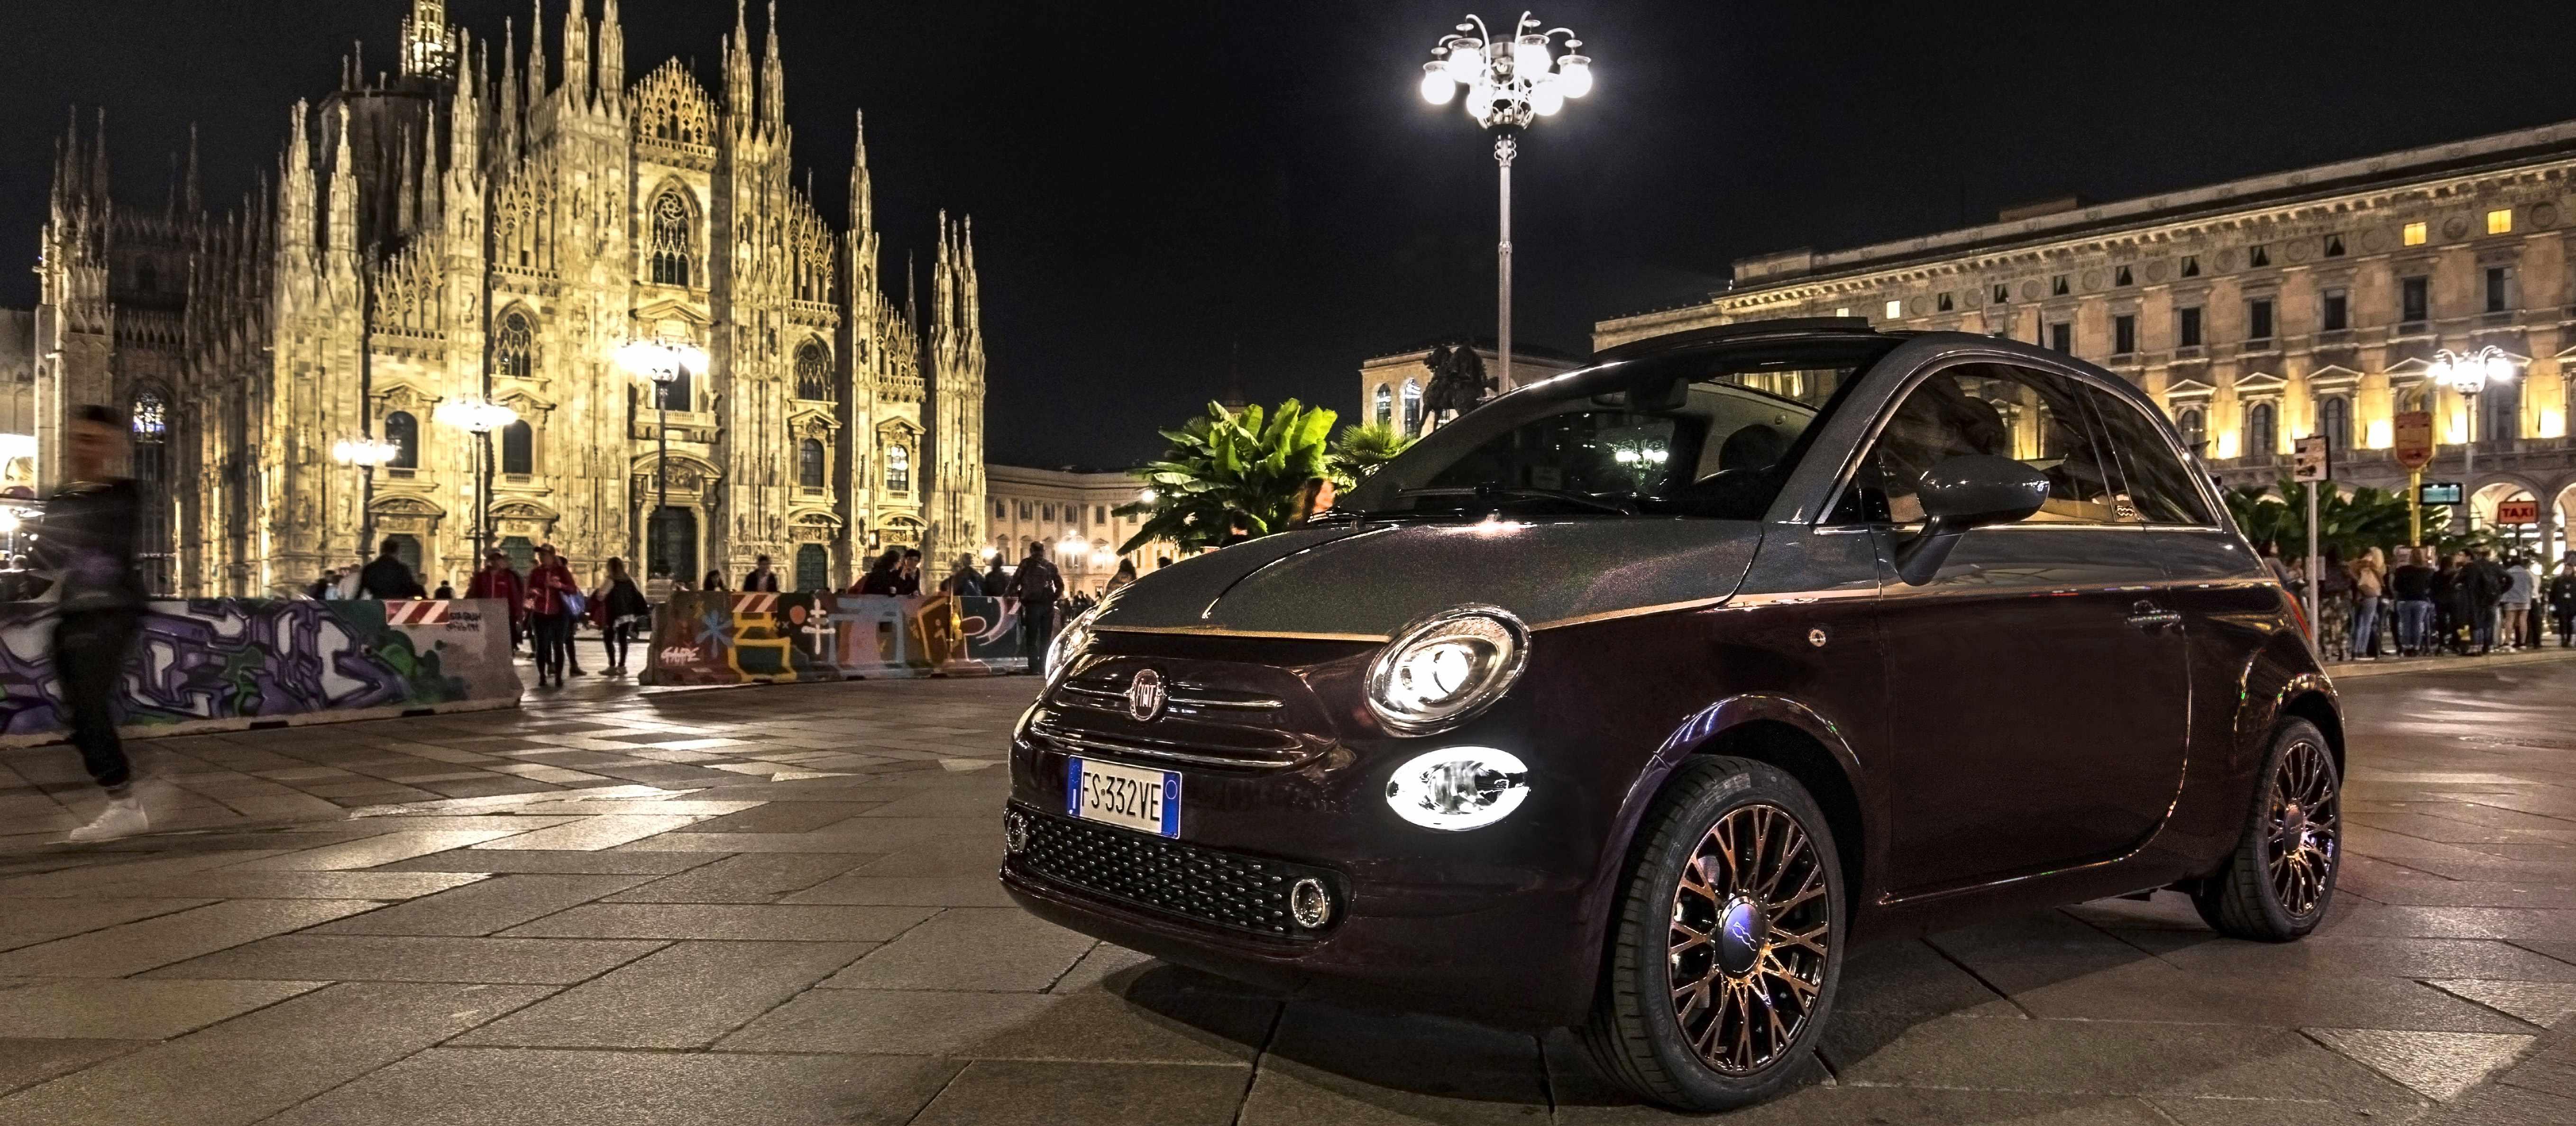 Afbeelding voor Introductie elektrische Fiat 500 brengt iconische model weer thuis